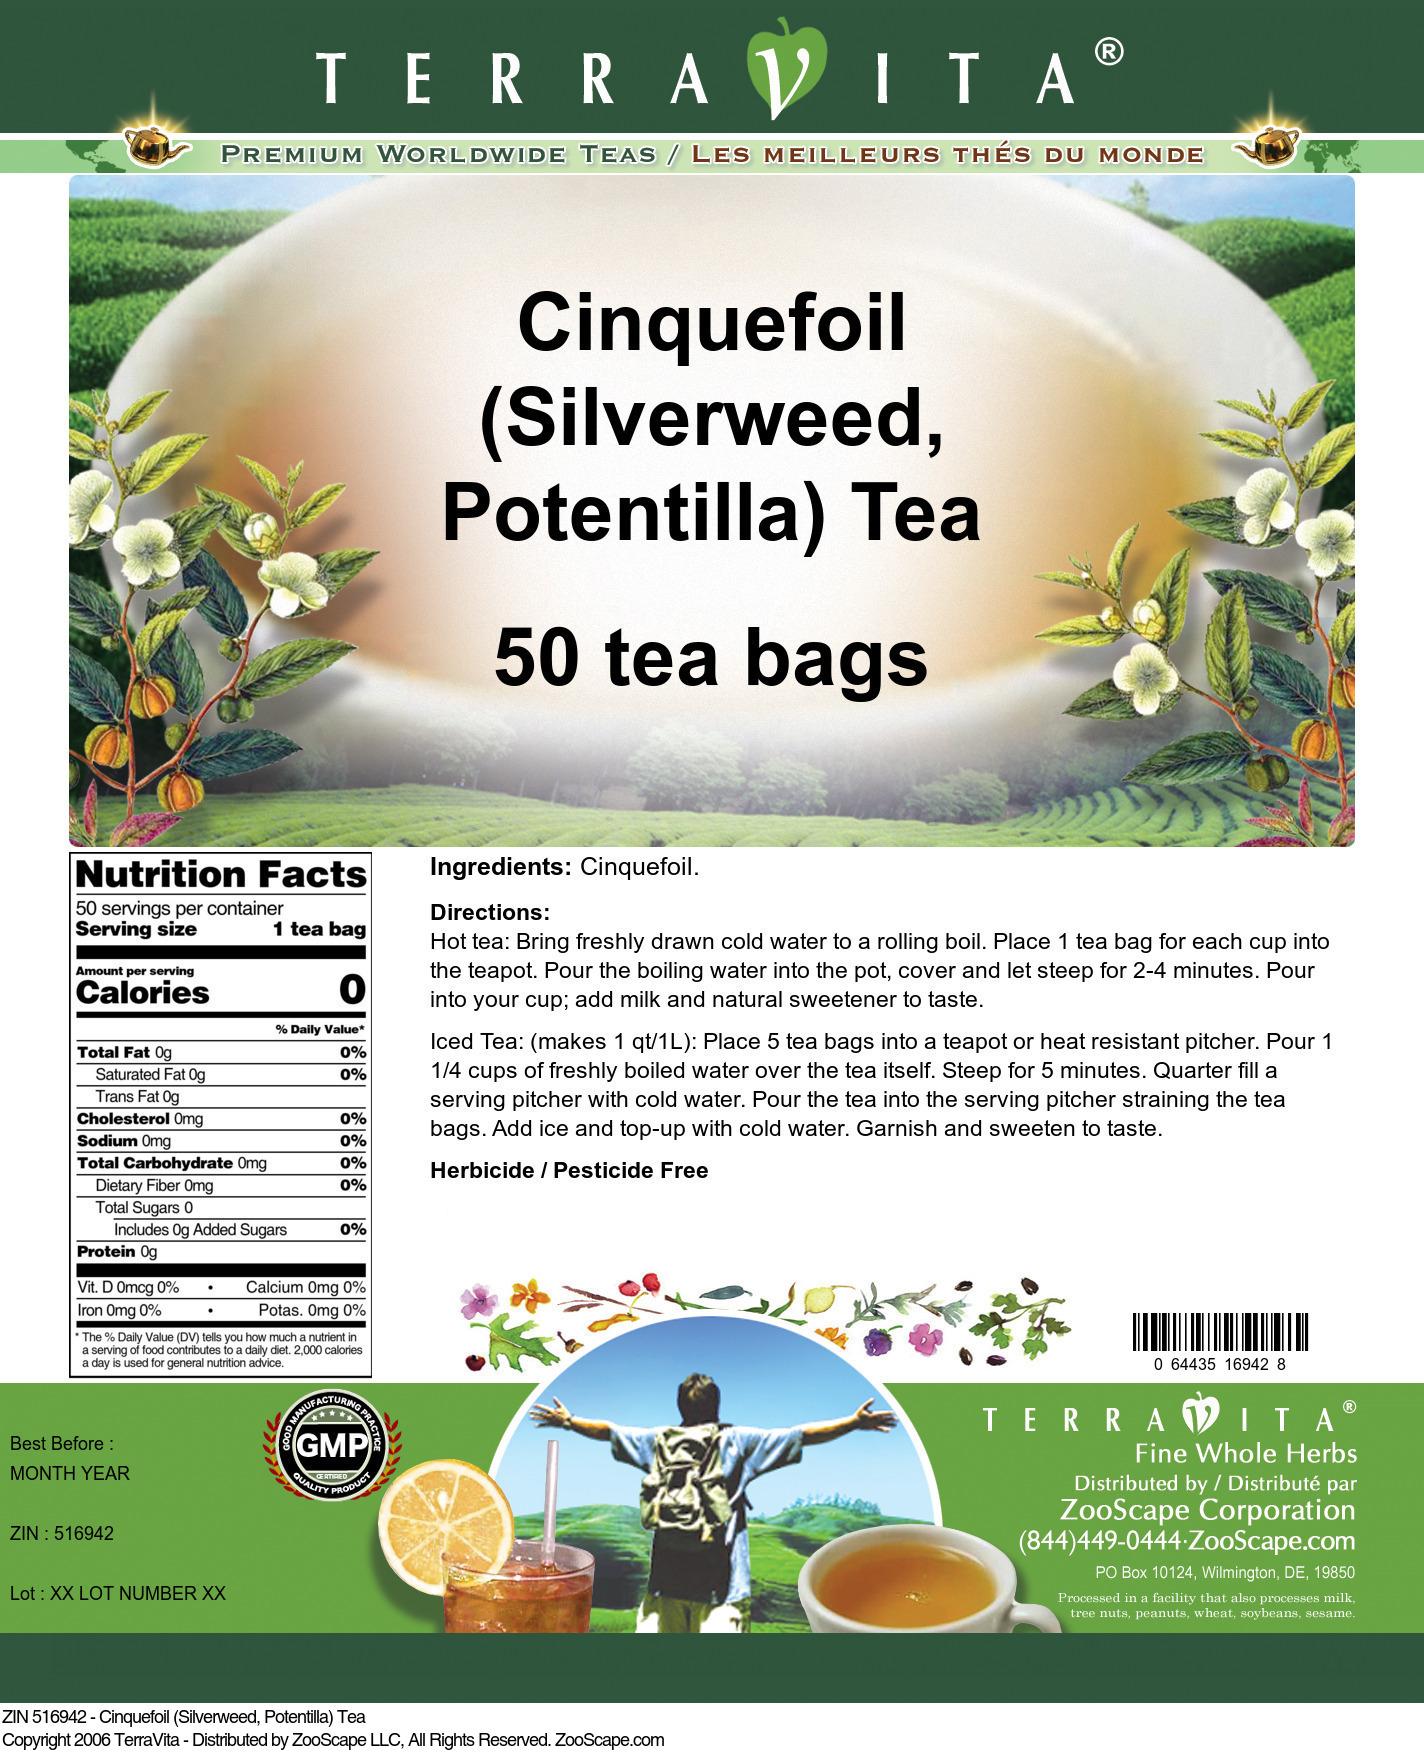 Cinquefoil (Silverweed, Potentilla) Tea